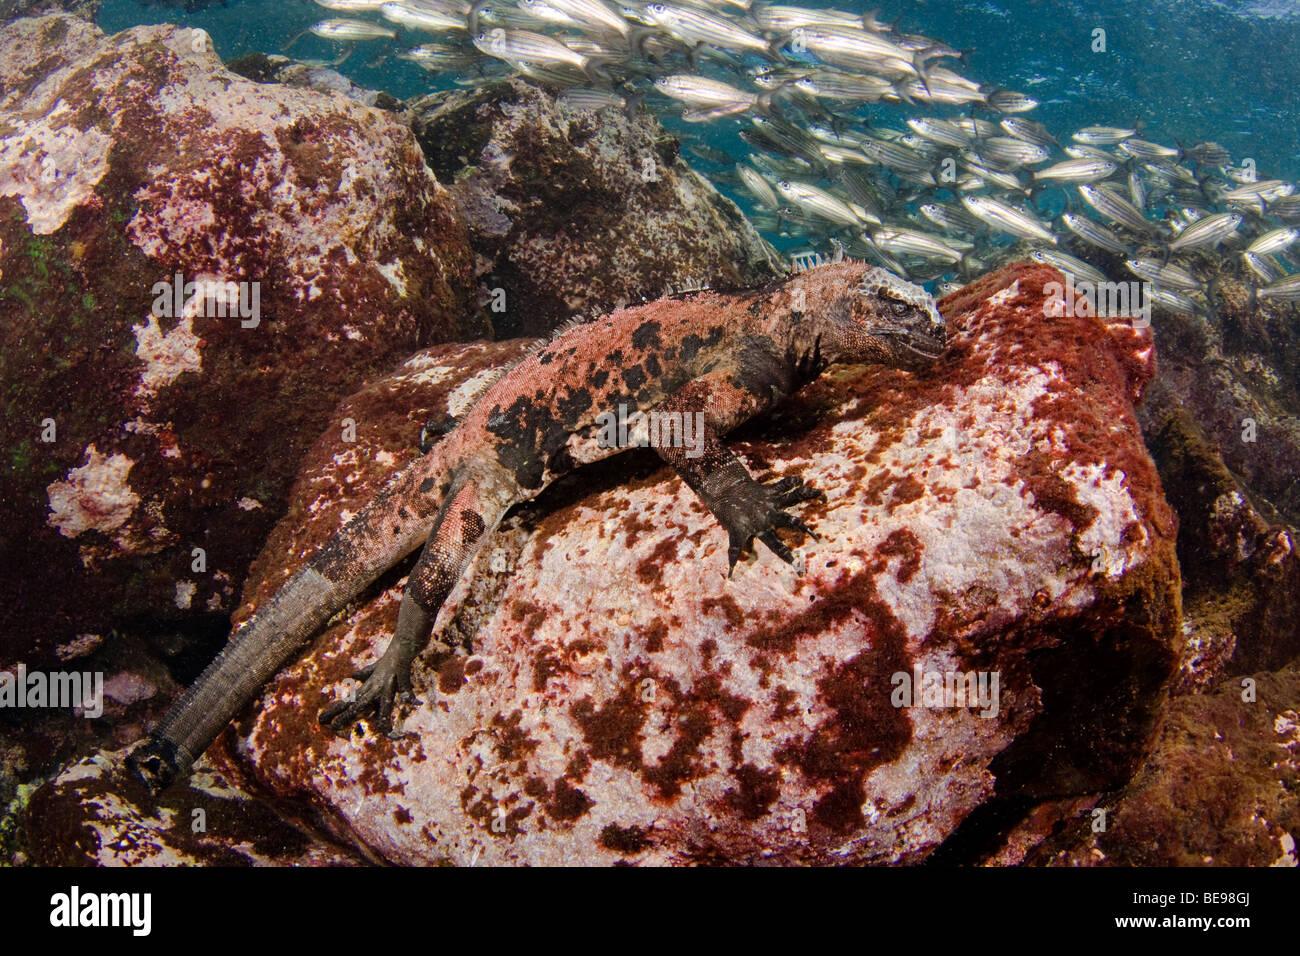 Marine iguana, Amblyrhynchus cristatus, (endemic) feeding underwater on algae, Galapagos, Equador. - Stock Image